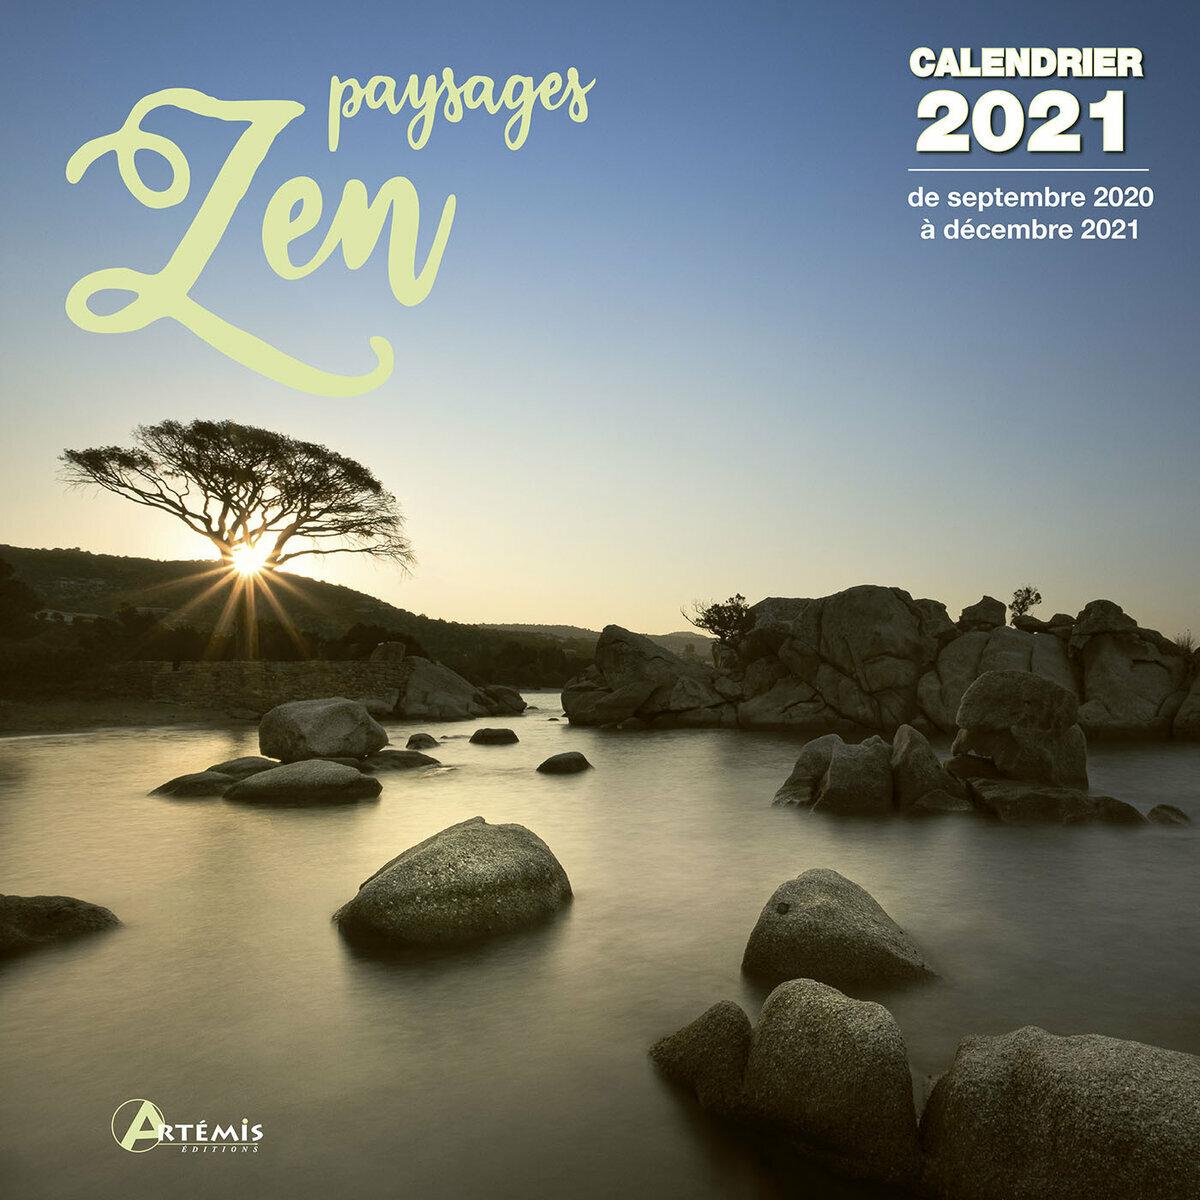 Calendrier 2021 Paysage zen